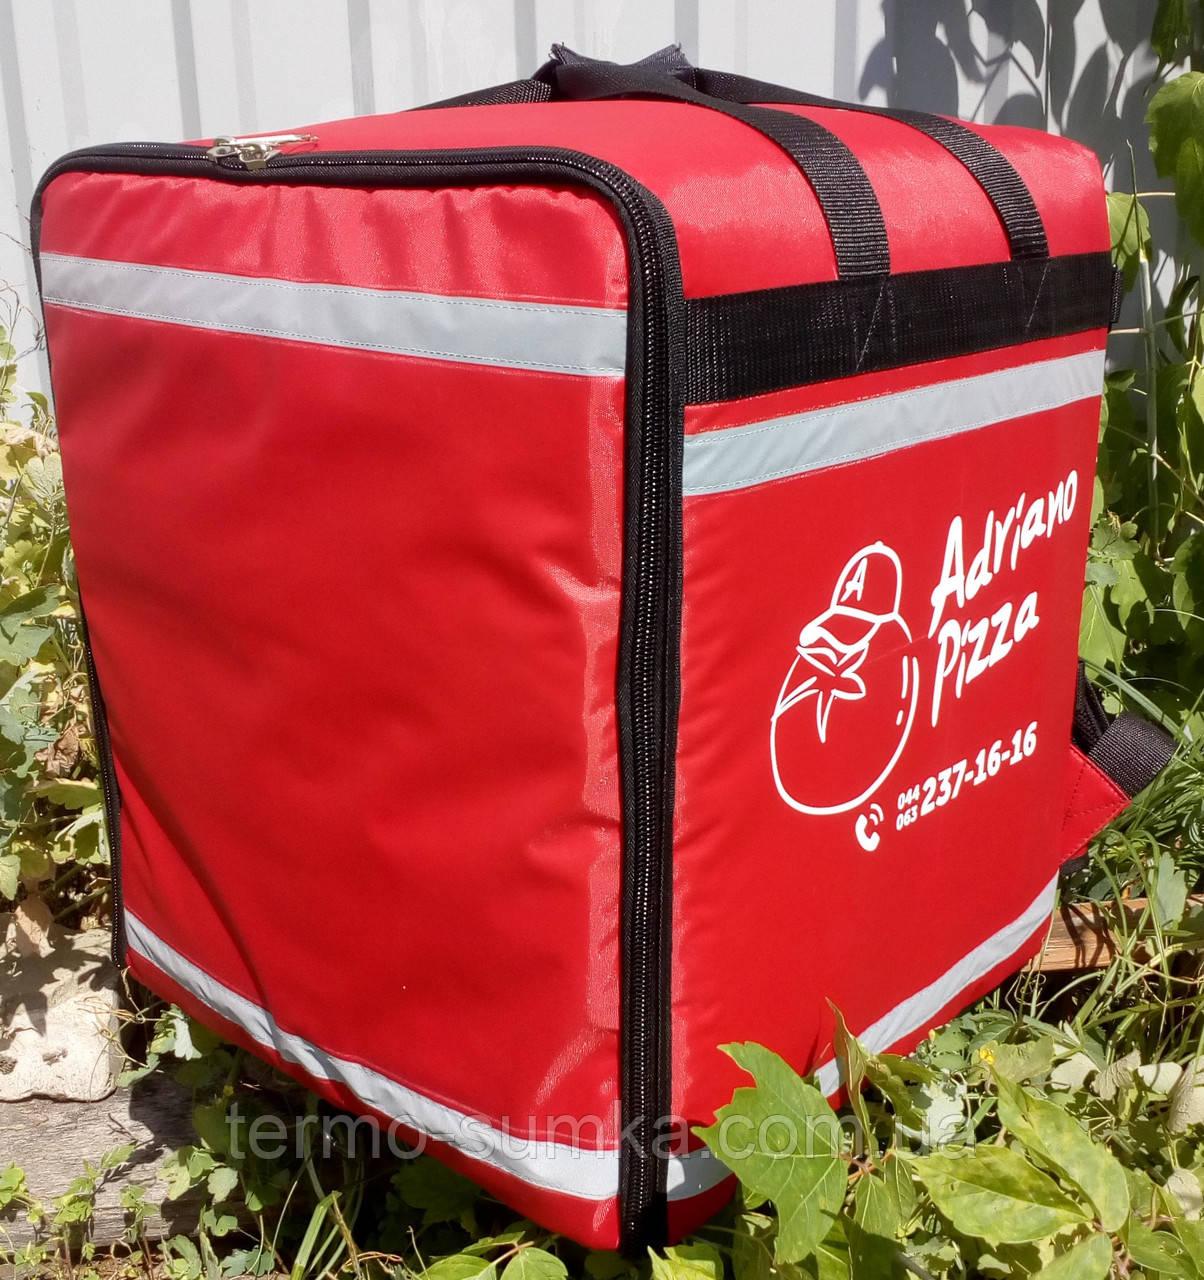 Каркасна термосумка - рюкзак для кур'єрської доставки страв та піци. 40*40, висота 46